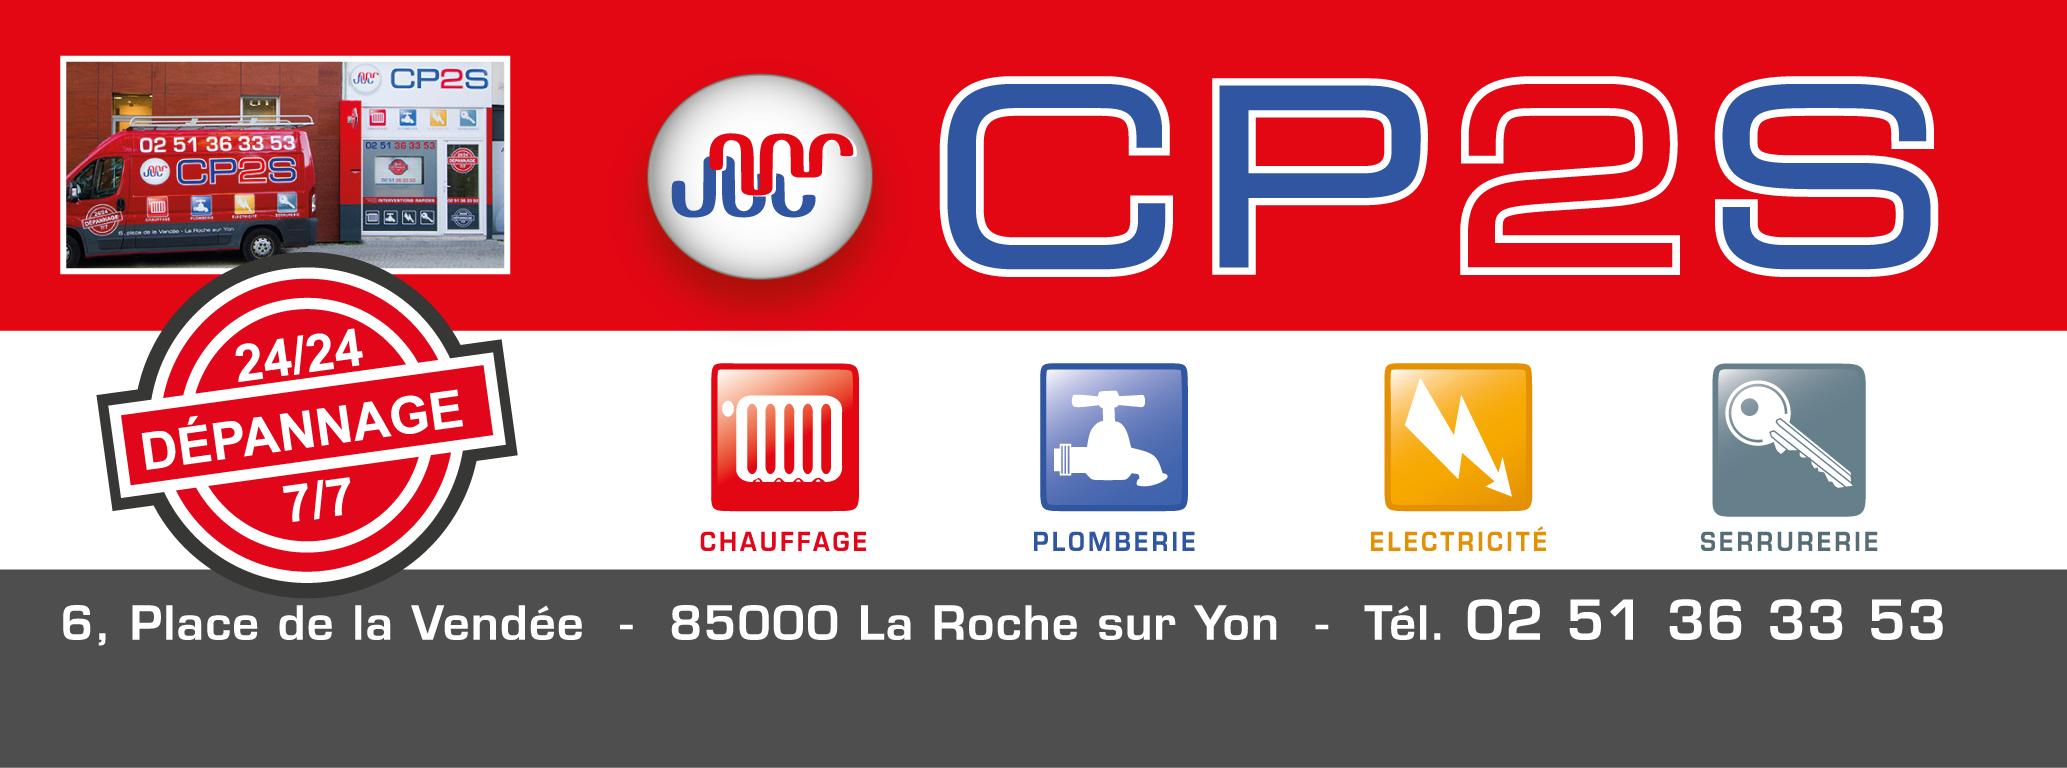 cp2s depannage 85000 La Roche sur Yon